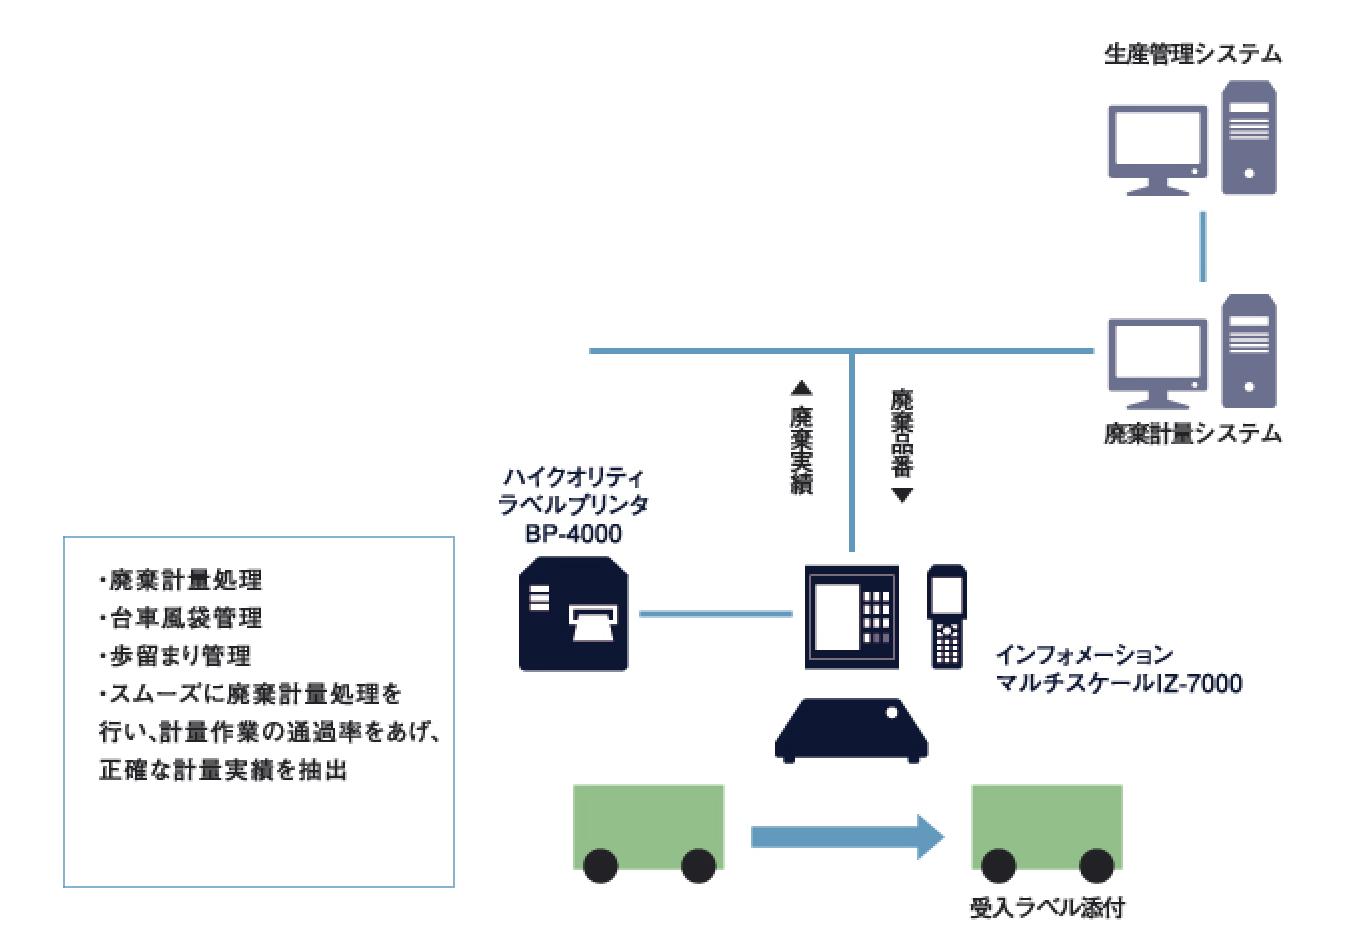 生産管理システム - 廃棄計量システム - 廃棄計量処理,台車風袋管理,歩留まり管理,スムーズに廃棄計量処理を行い、計量作業の通過率をあげ、正確な計量実績を抽出